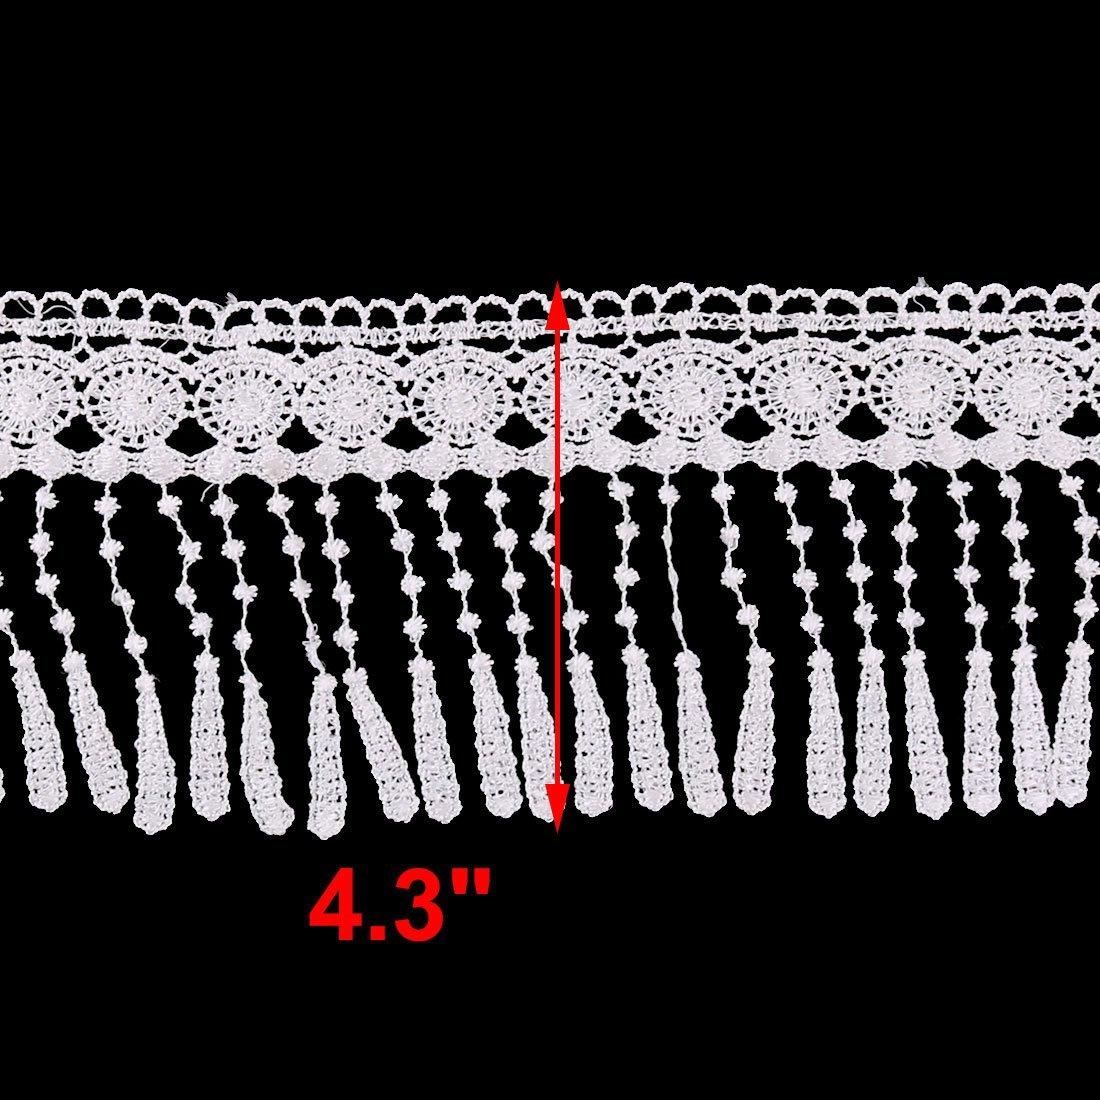 Amazon.com: DealMux poliéster Presente da família de embalagem Quilt Borda costura Decor guarnição 8.7 Yards Branco